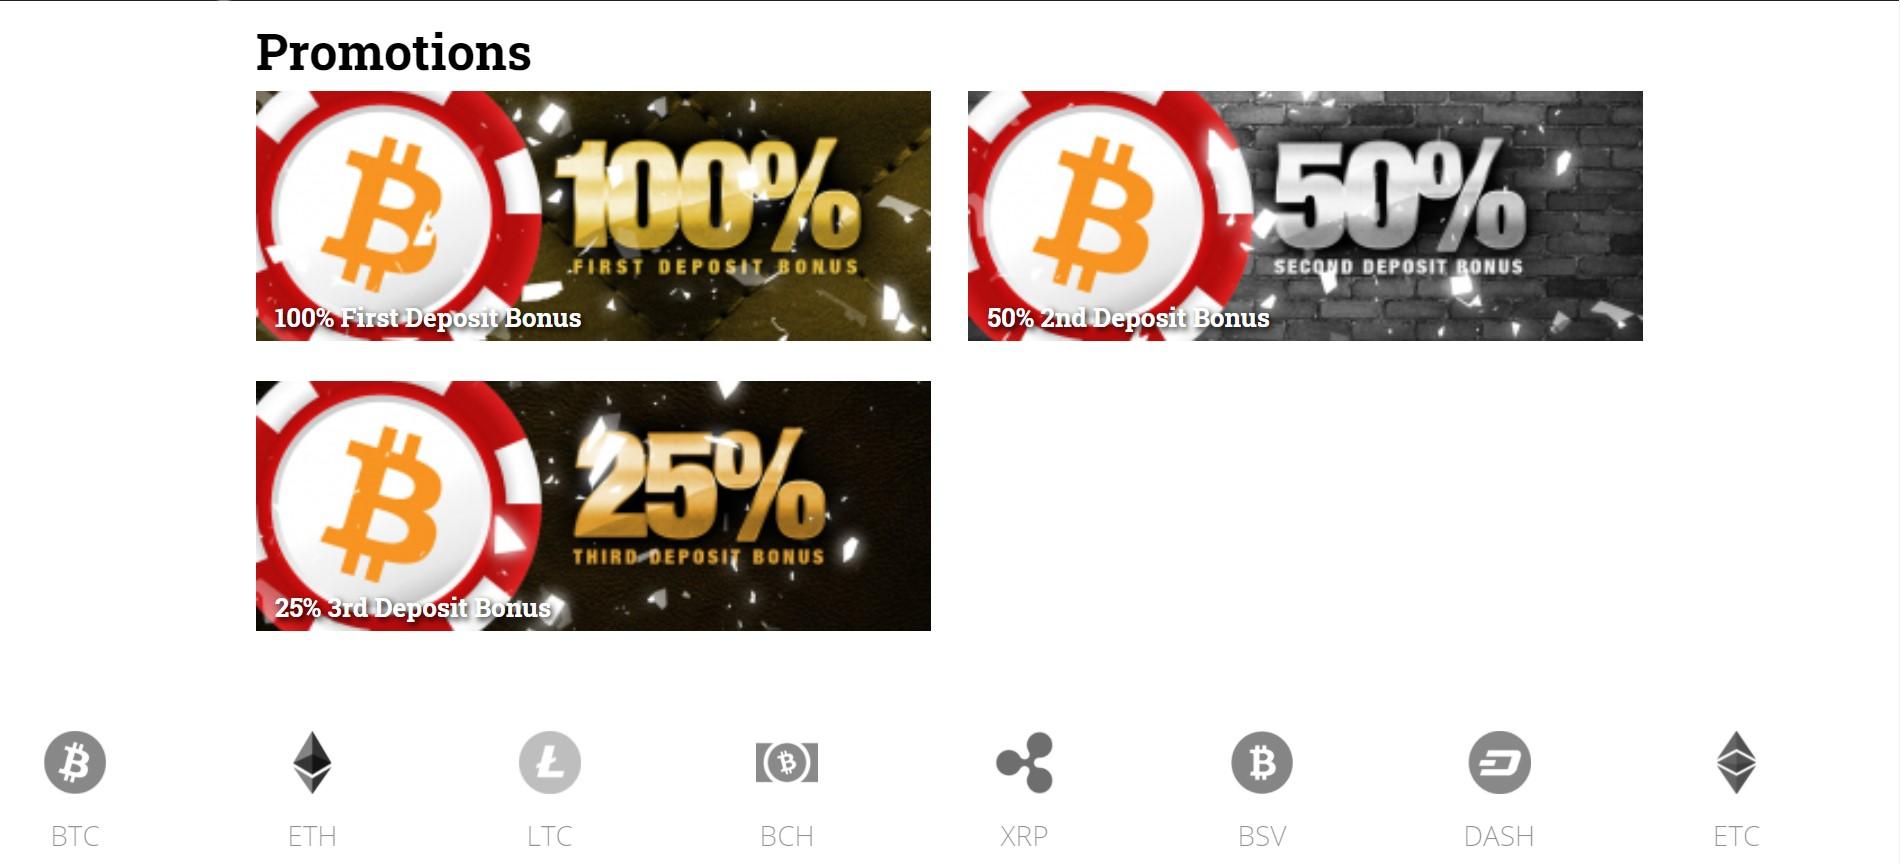 betcoinag promotions page screenshot